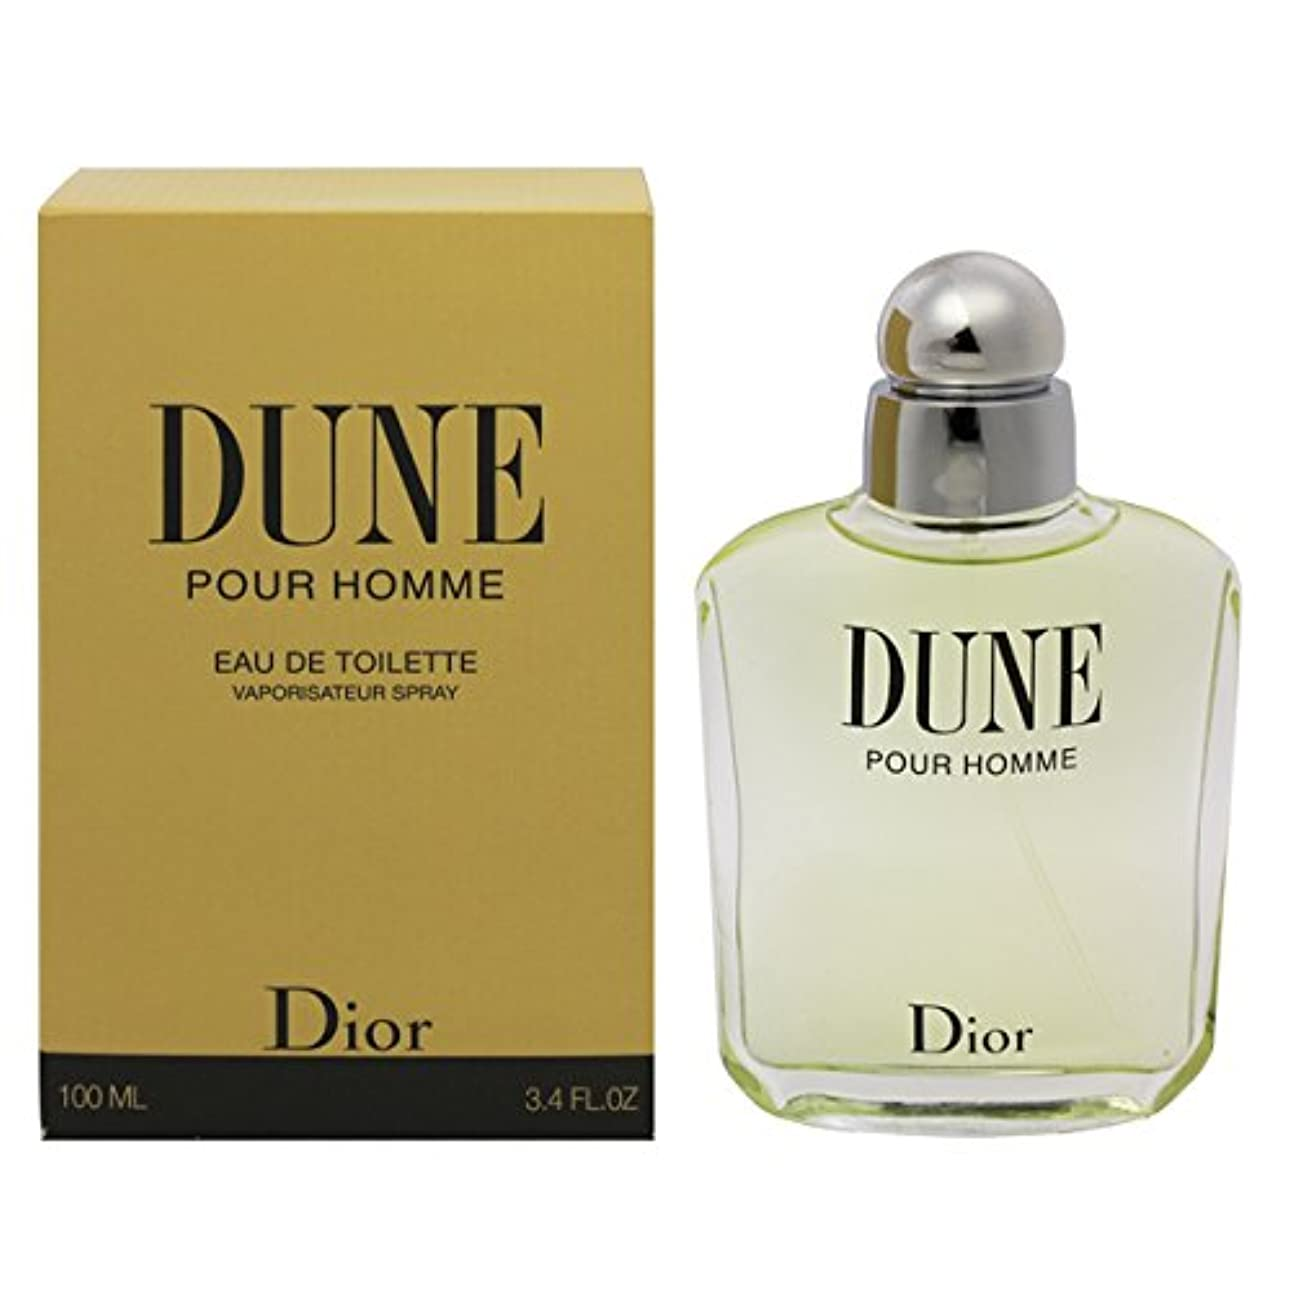 靄また勢いクリスチャン ディオール(Christian Dior) デューン プールオム EDT SP 100ml [並行輸入品]